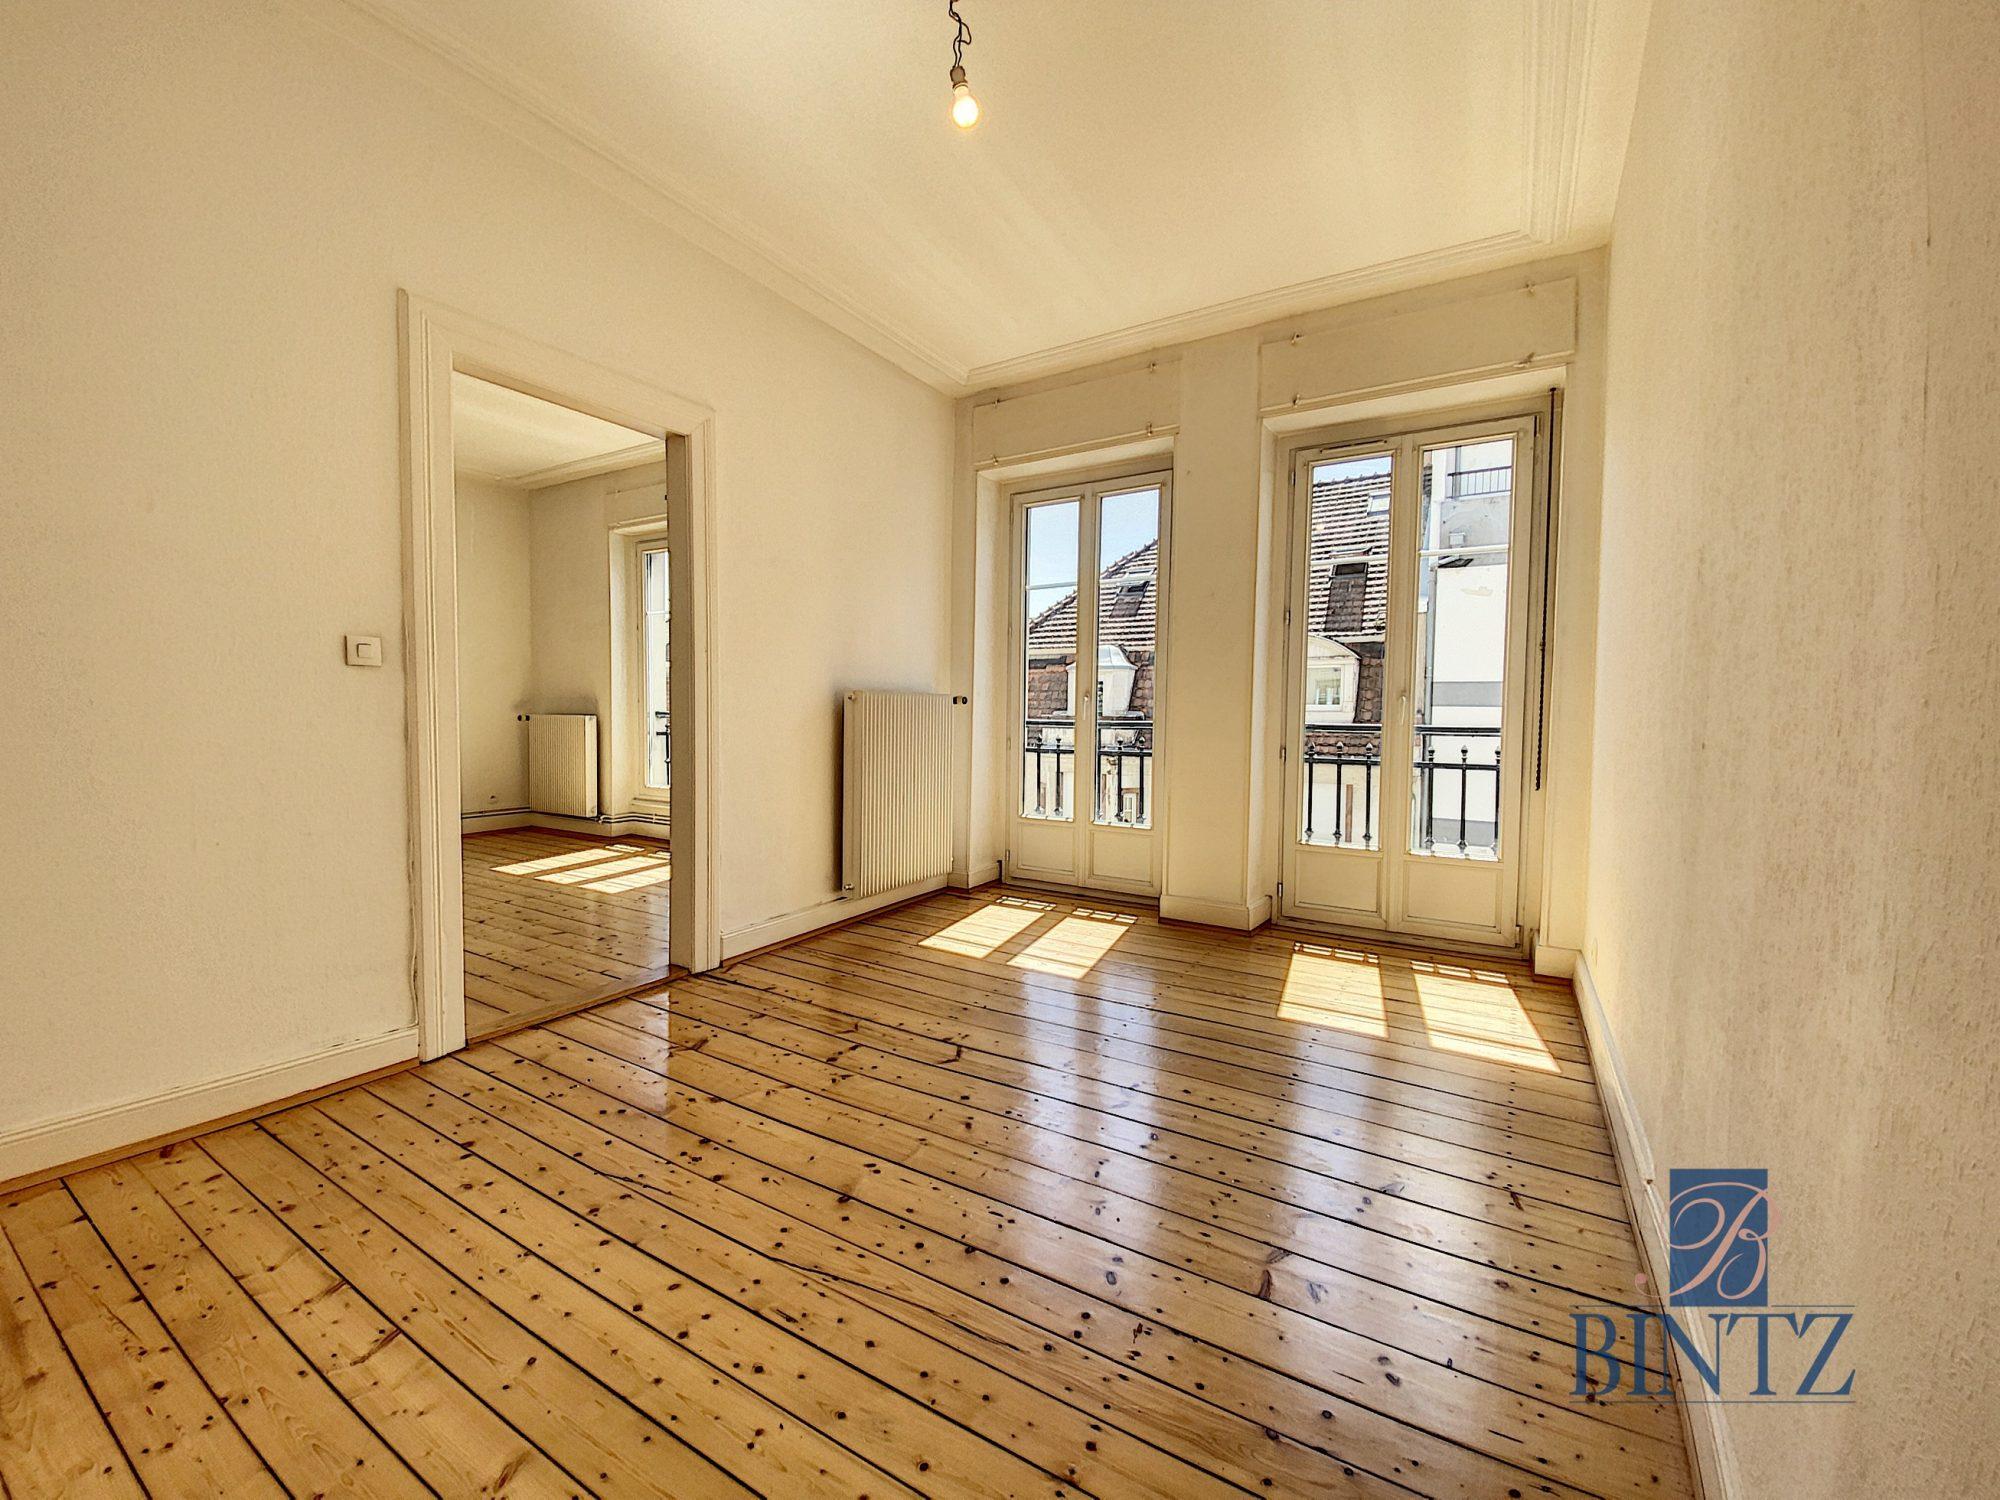 2 PIÈCES NEUDORF - Devenez locataire en toute sérénité - Bintz Immobilier - 5